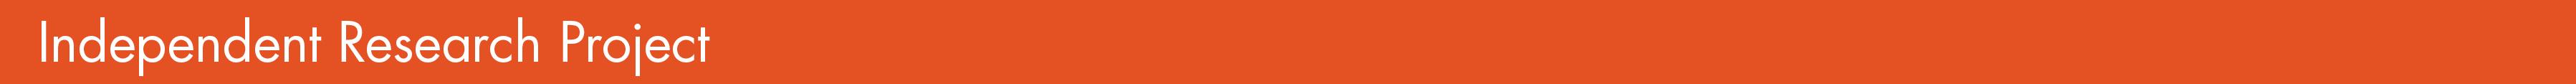 new orange IRP